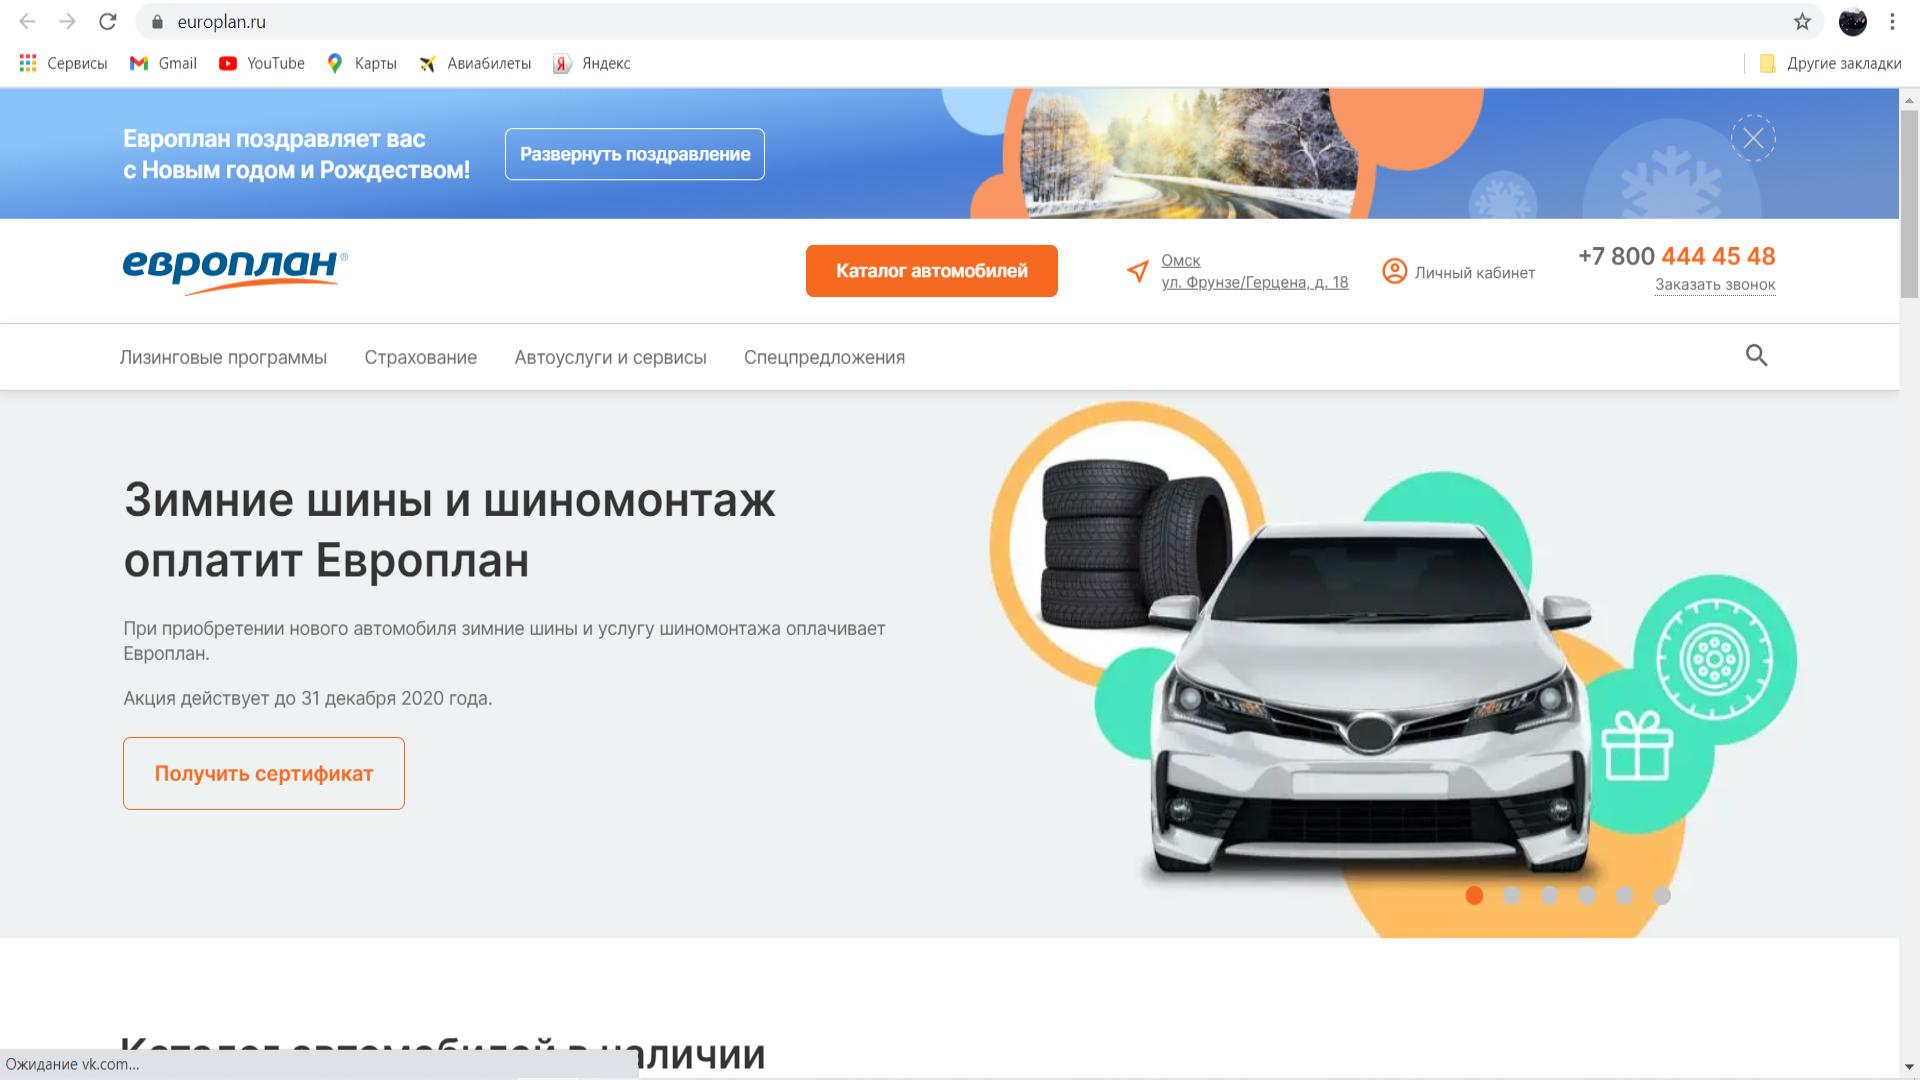 официальный сайт европлан